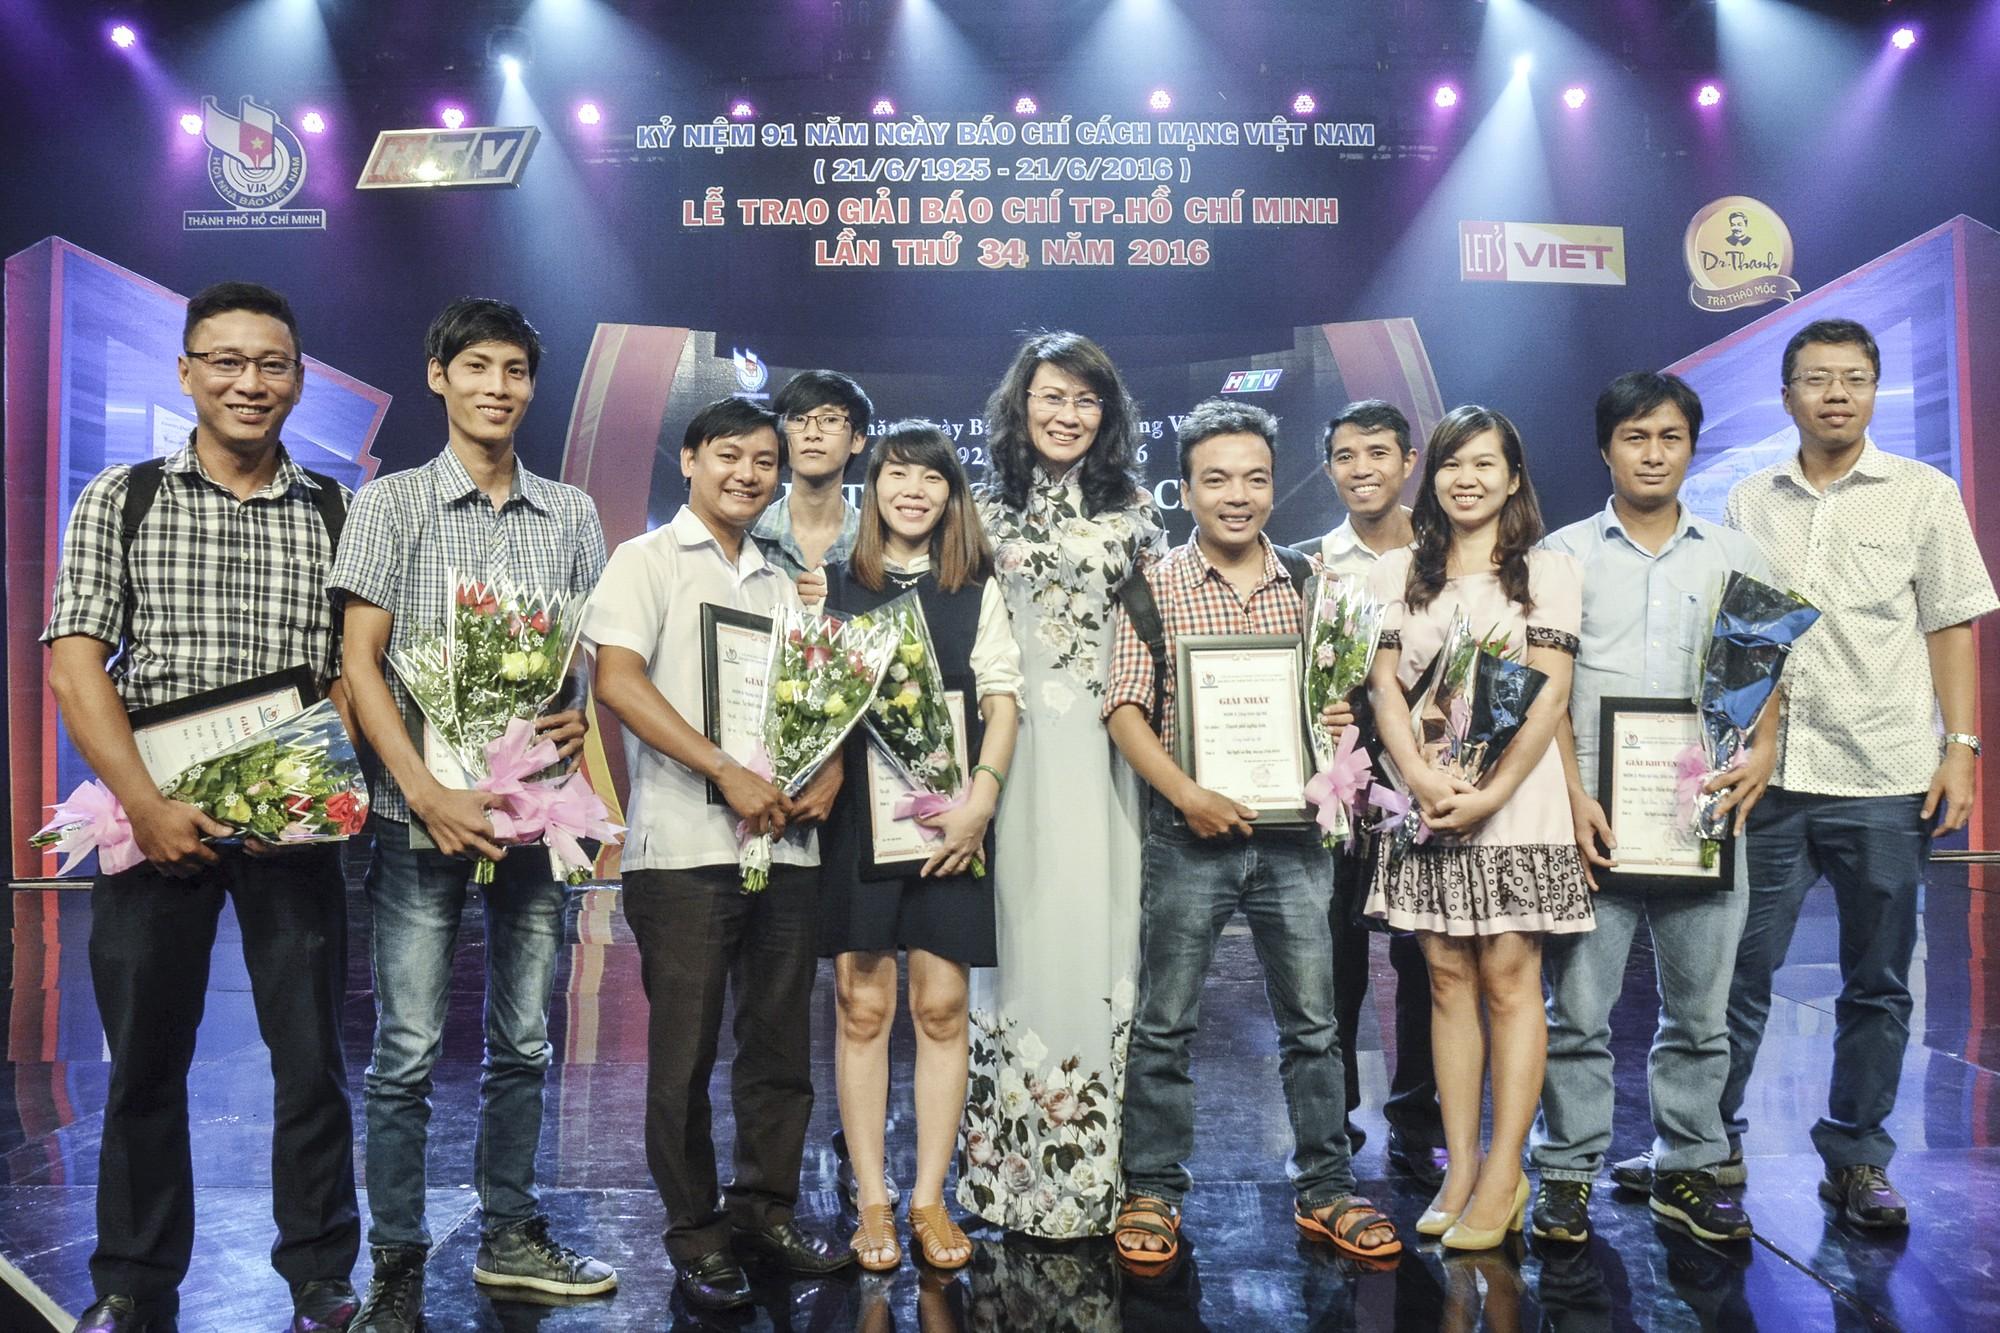 [eMagazine] - Hình ảnh xúc động của chị Nguyễn Thị Thu trước khi qua đời - Ảnh 10.